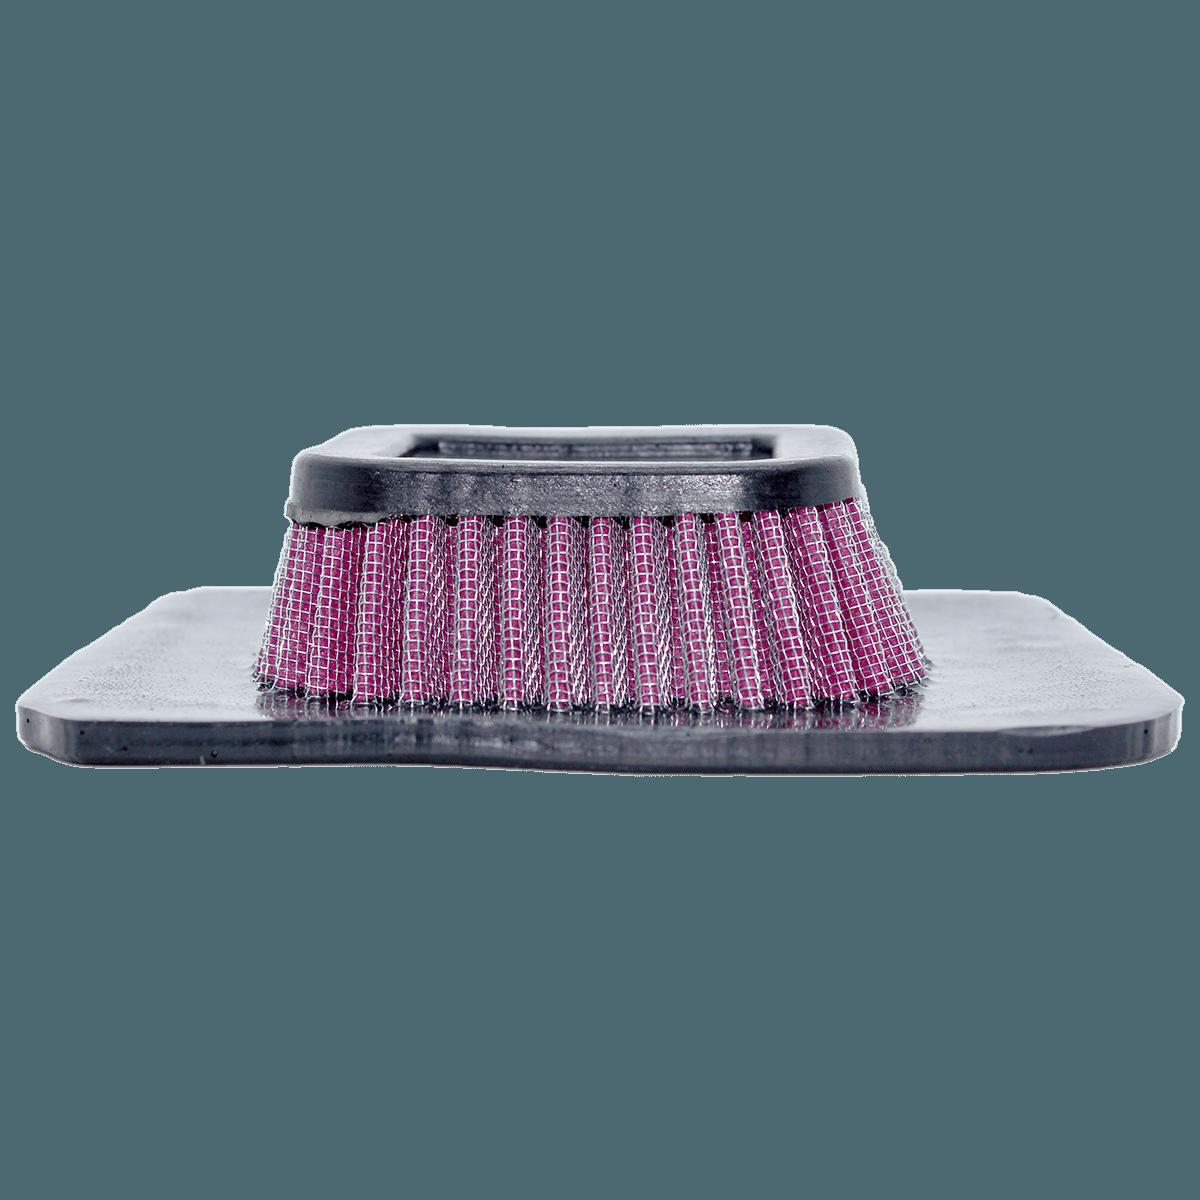 Filtro De Ar Compatível Com Honda Fan 150/160-2014 Royale